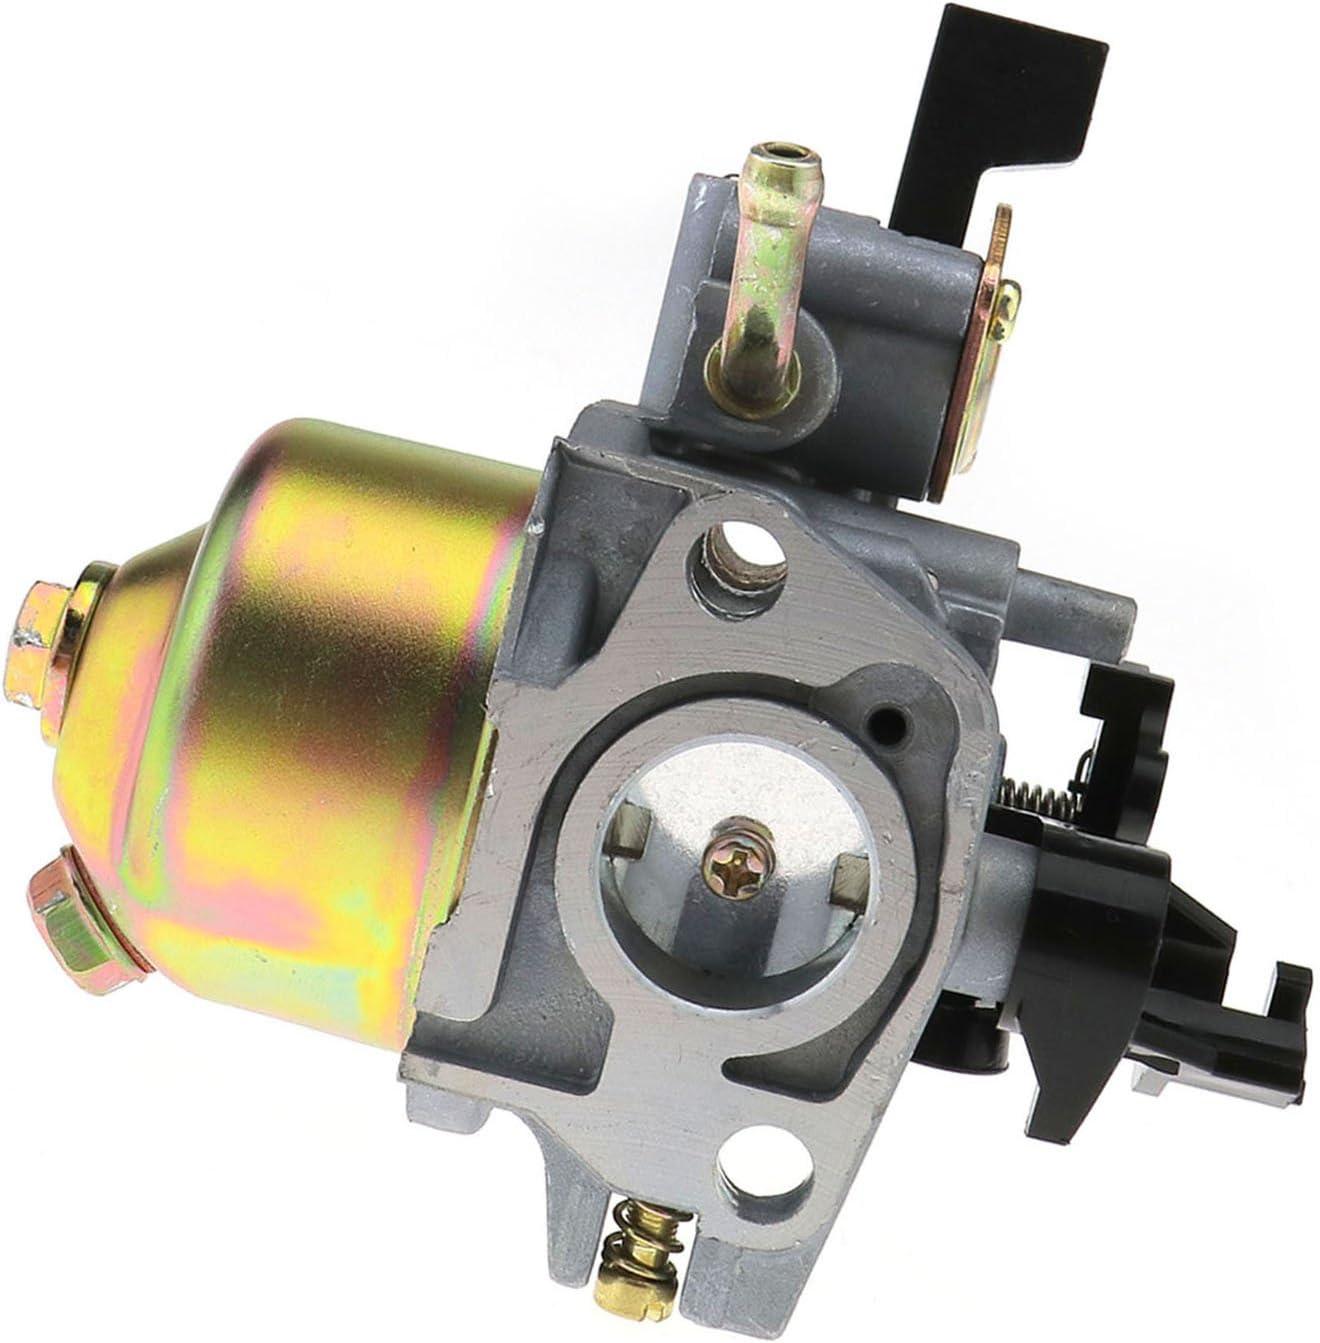 Carburador D2D de repuesto para cortacésped GXV120 GXV140 GXV160 HR194 HR195 HR214 HR215 HR216 con junta de combustible